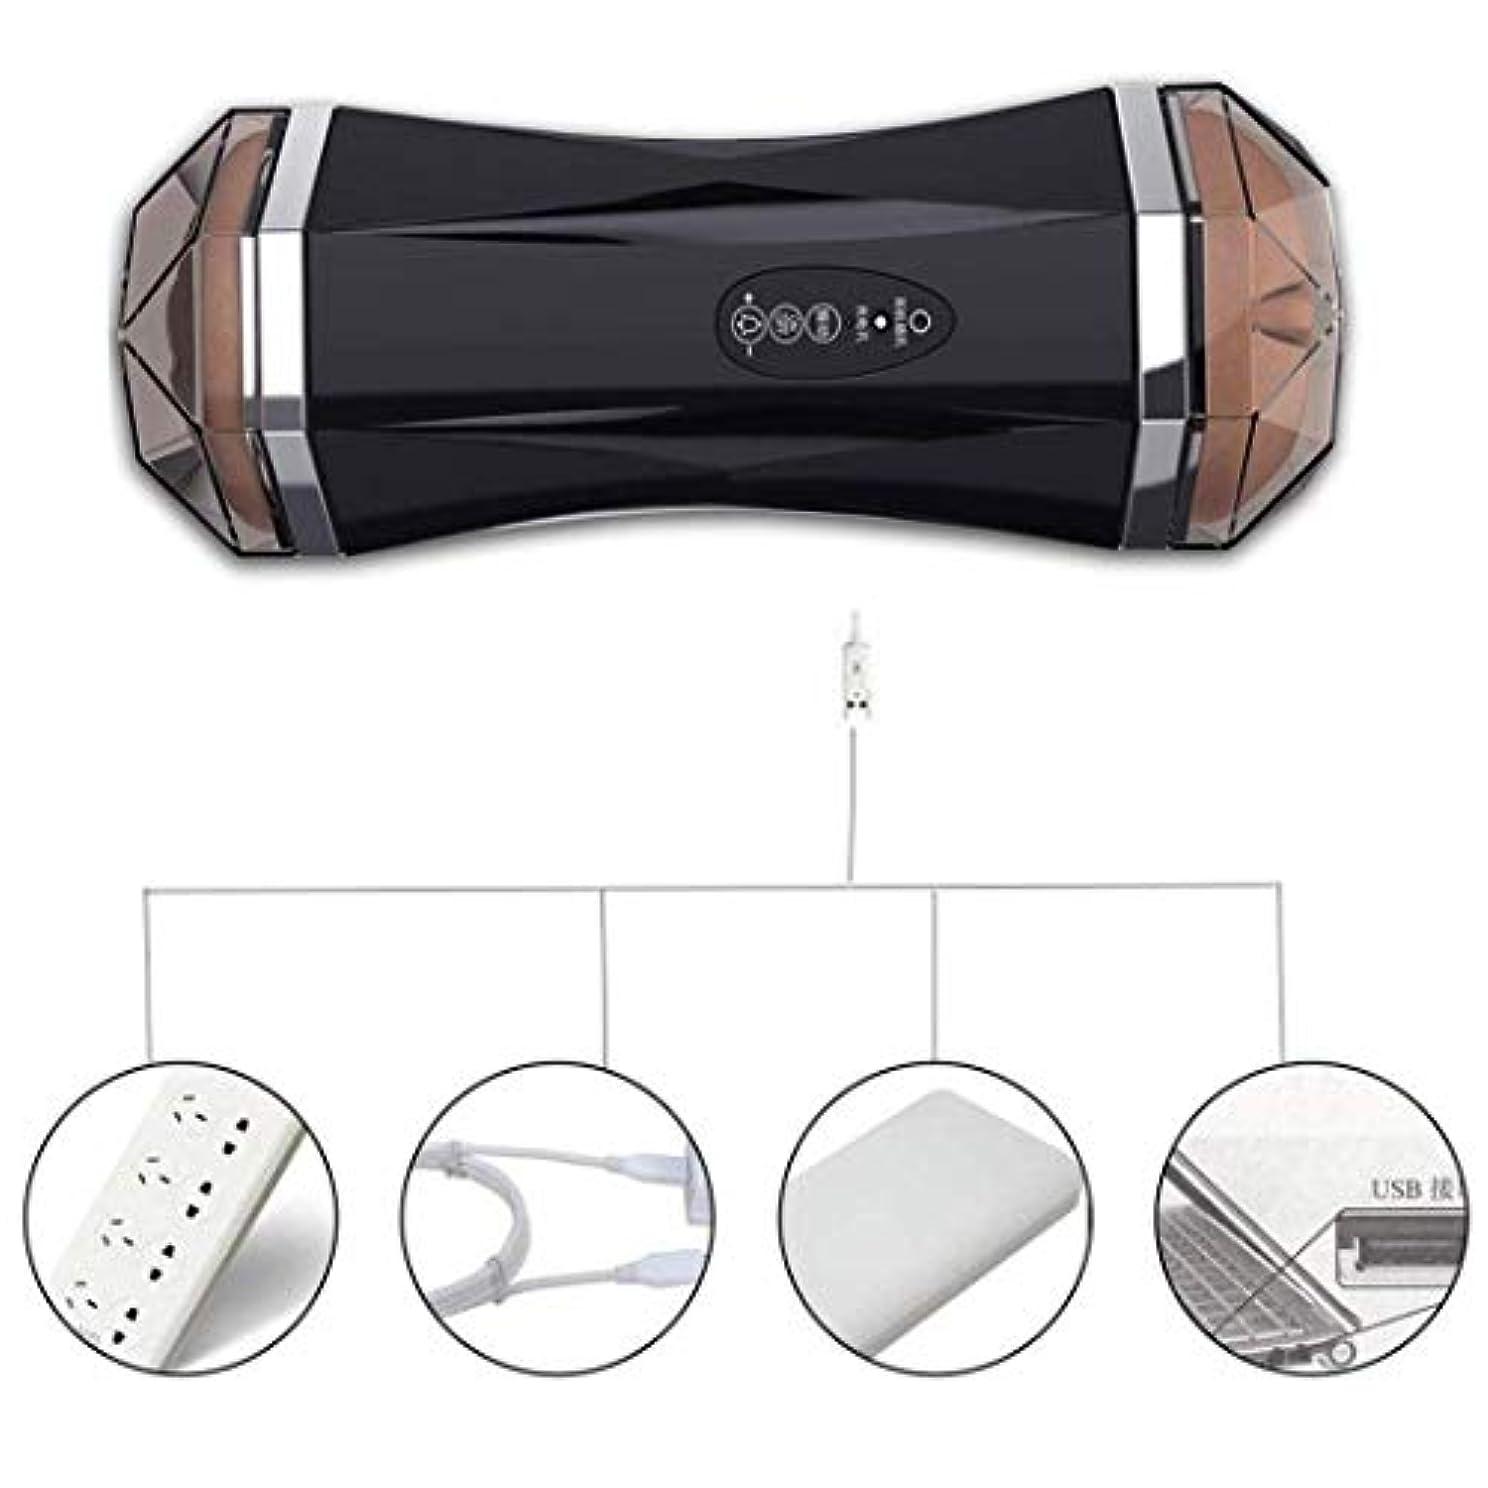 参加者どれか四回CRFJB 男性用Tシャツアンダーウェアノイズレスリアルインテリジェント8周波数PístonVǐbrǎtiǒnMássageCup Handheld Personal Body Massager